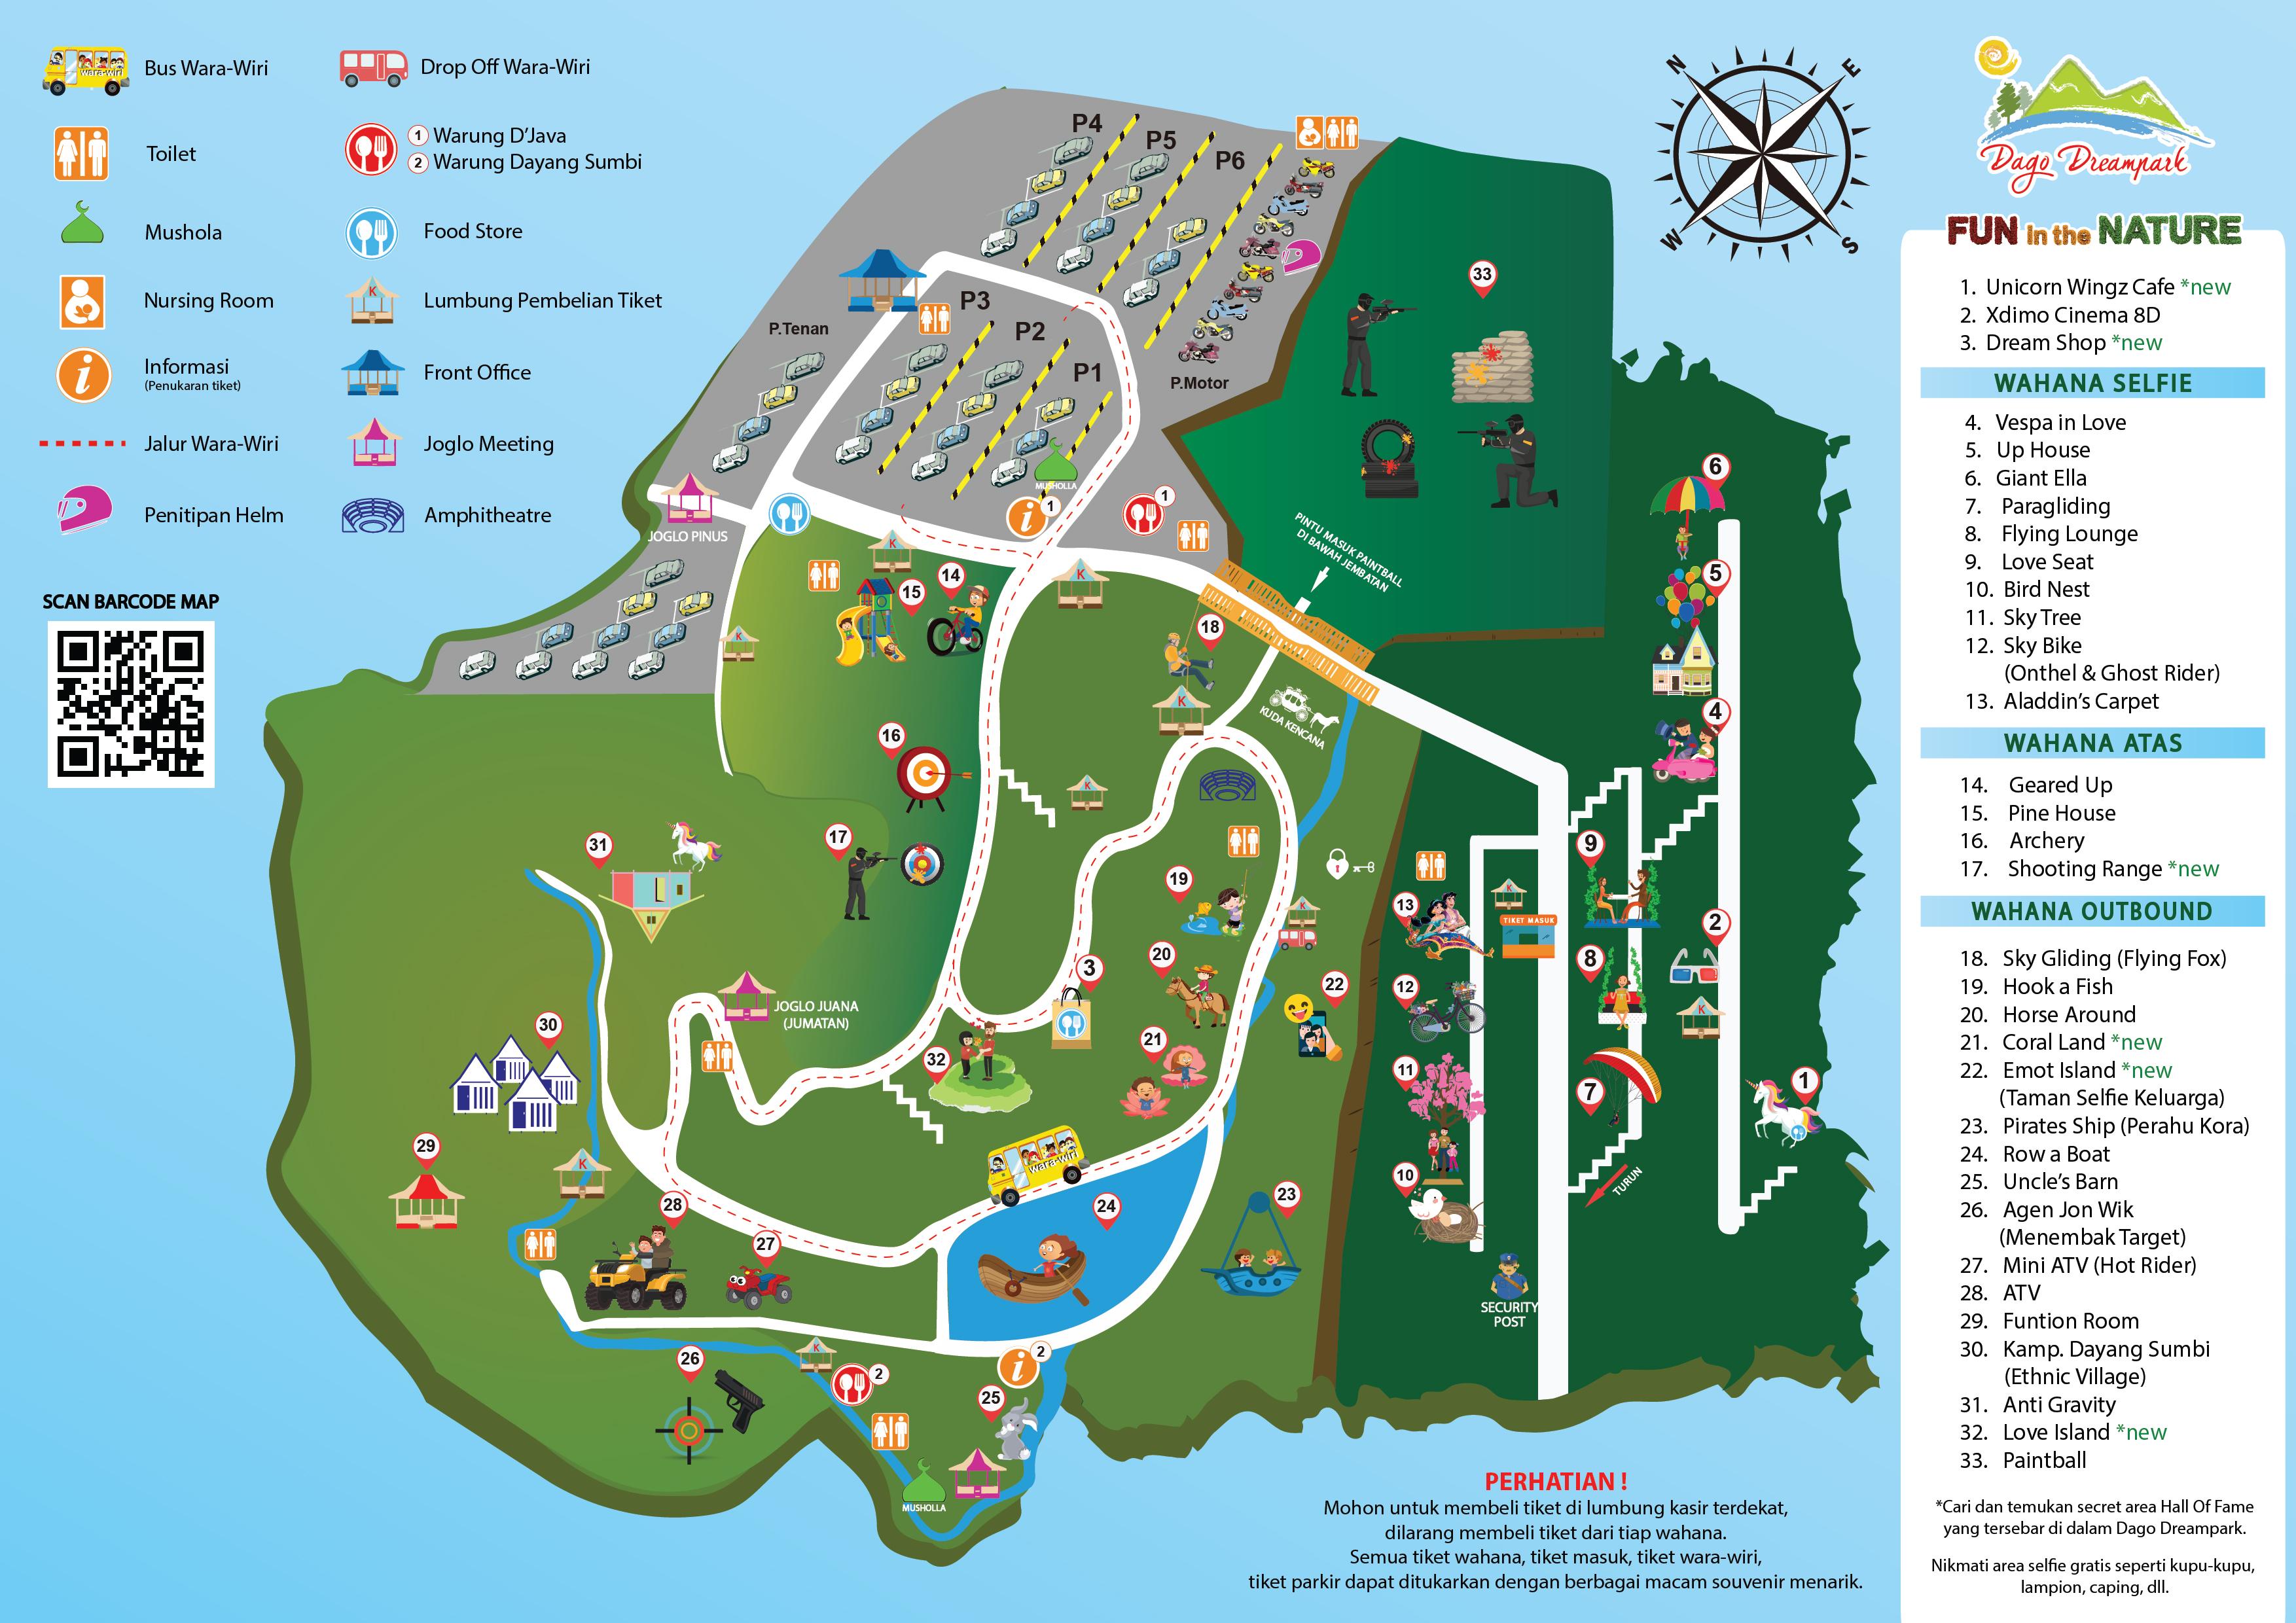 Wisata Dago Dream Park Bandung 1